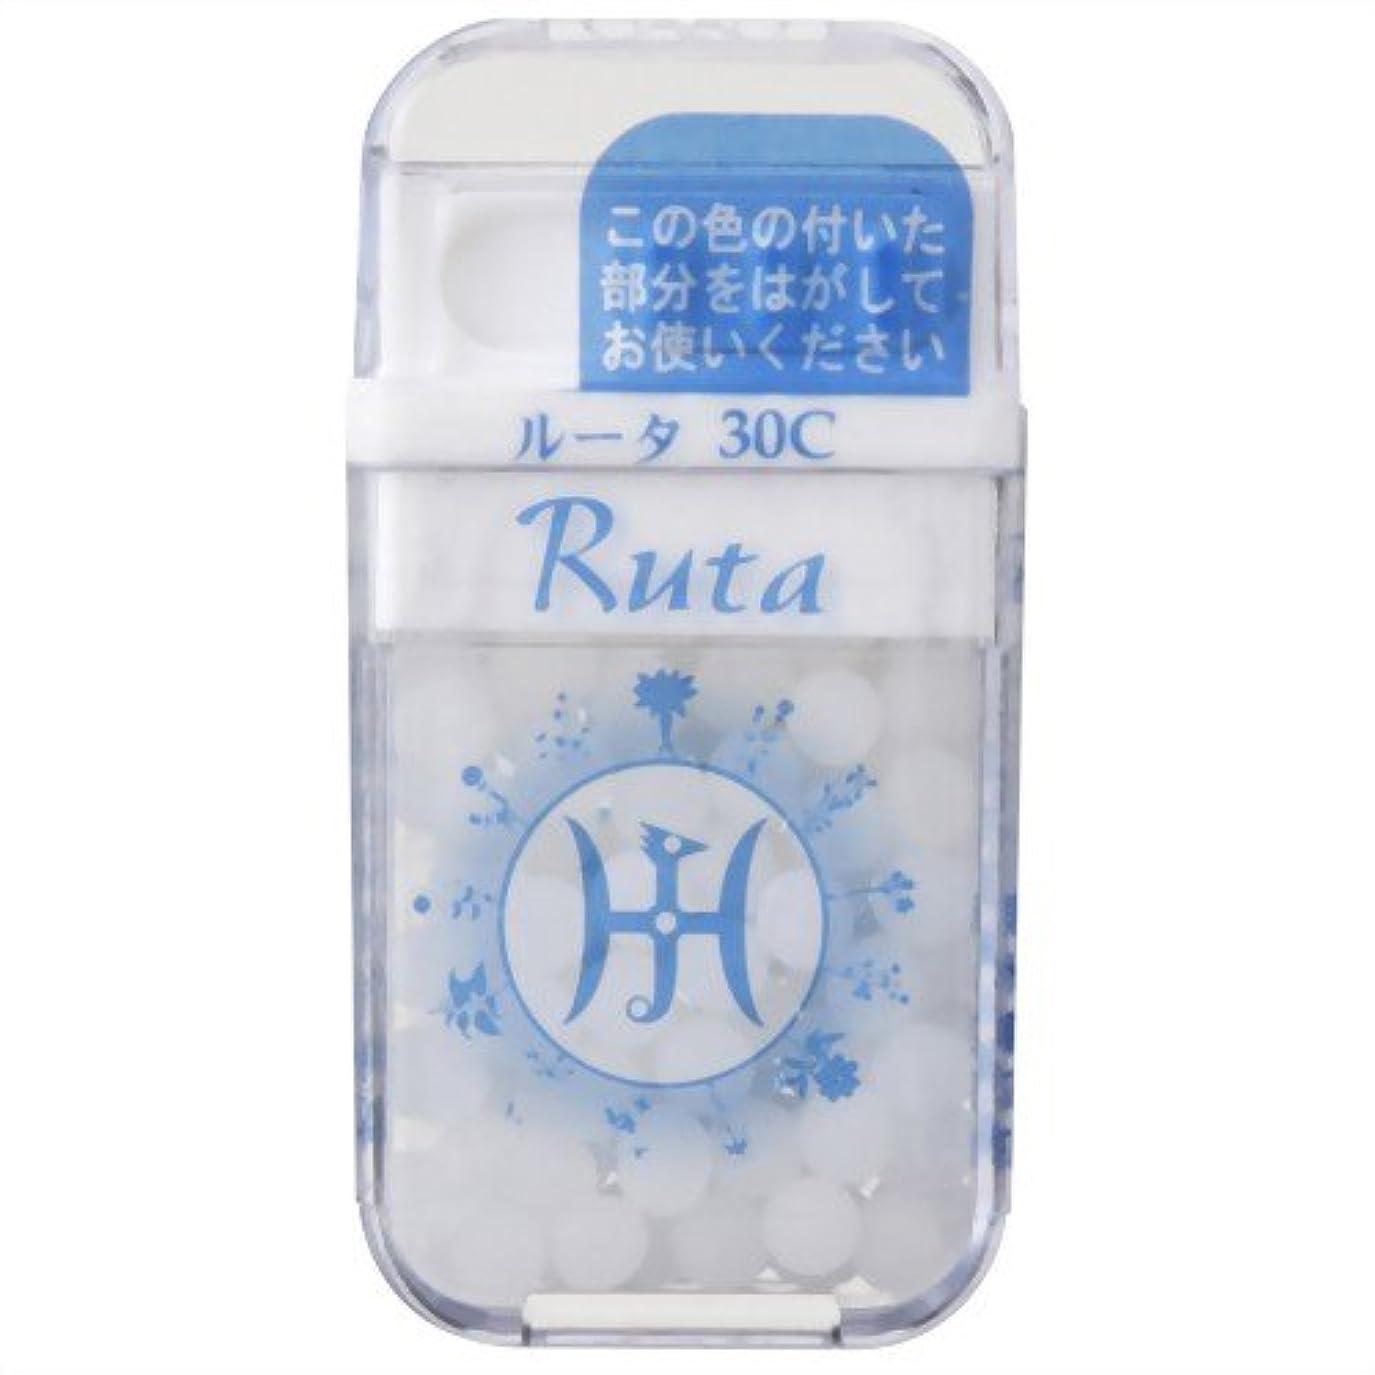 に応じて首尾一貫した所属ホメオパシージャパンレメディー Ruta  ルータ 30C (大ビン)